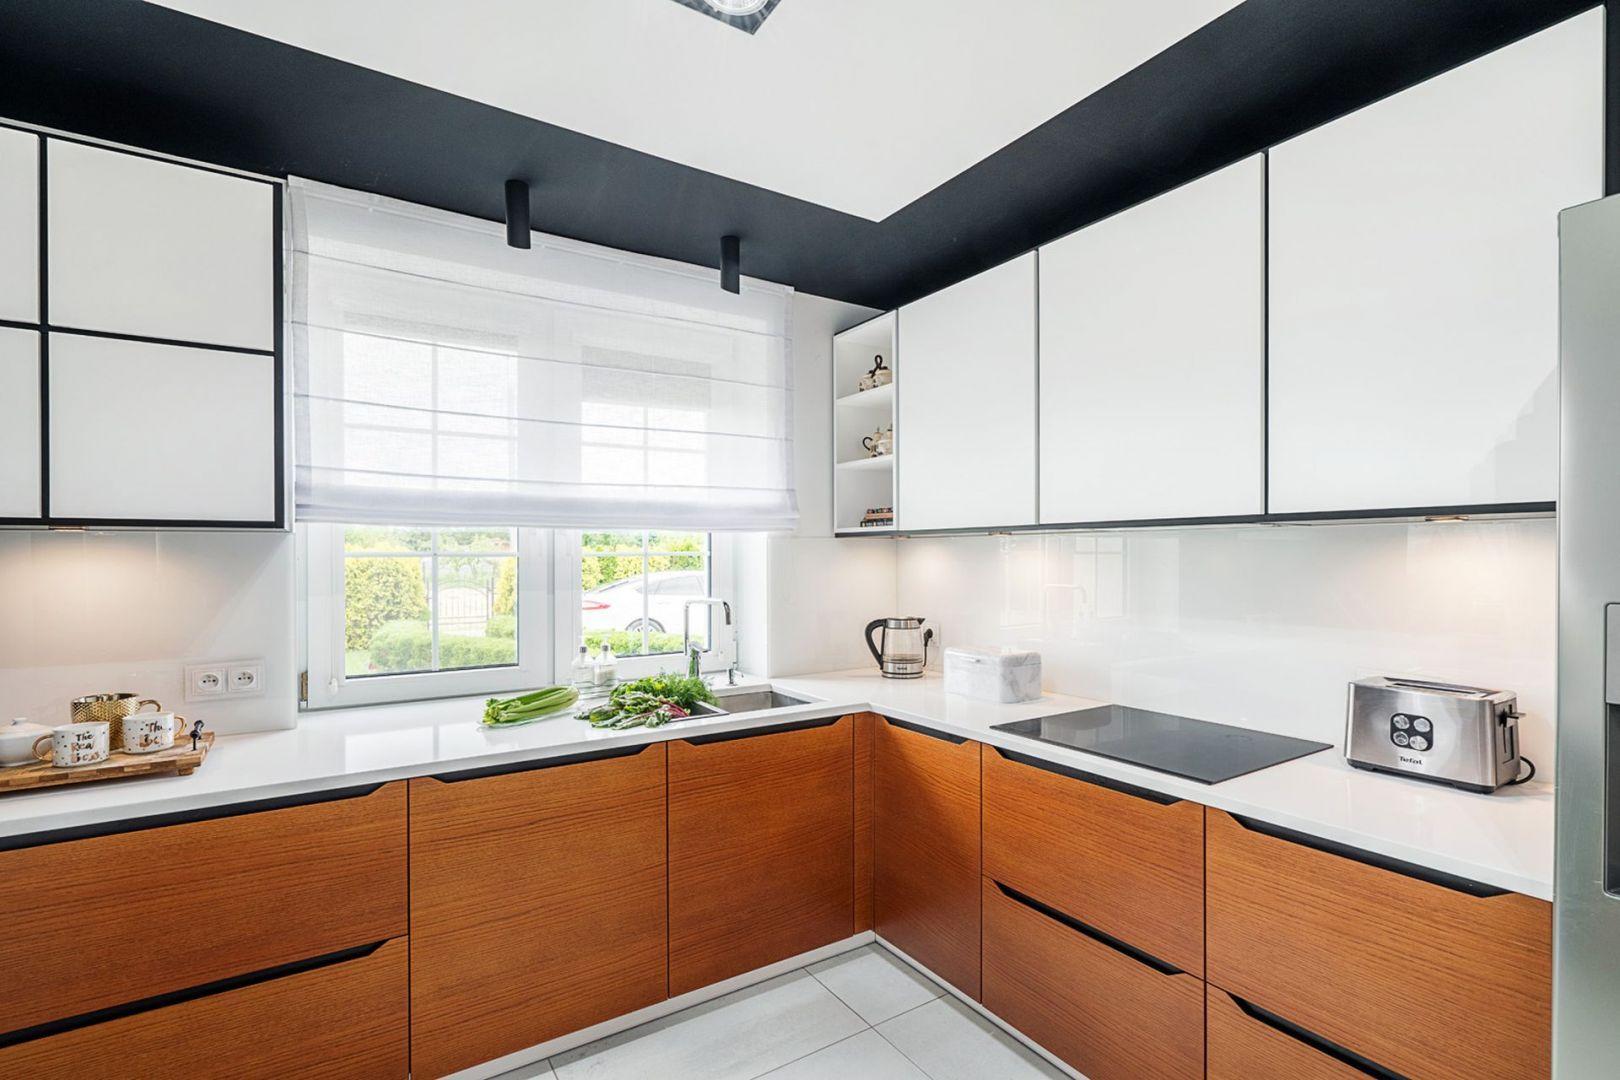 Ściana nad blatem w kuchni wykończona została szkłem w białym kolorze. Projekt: Magdalena Kaczmarka, mDesignStudio. Współpraca: Dekorian Home. Fot. Artur Krupa